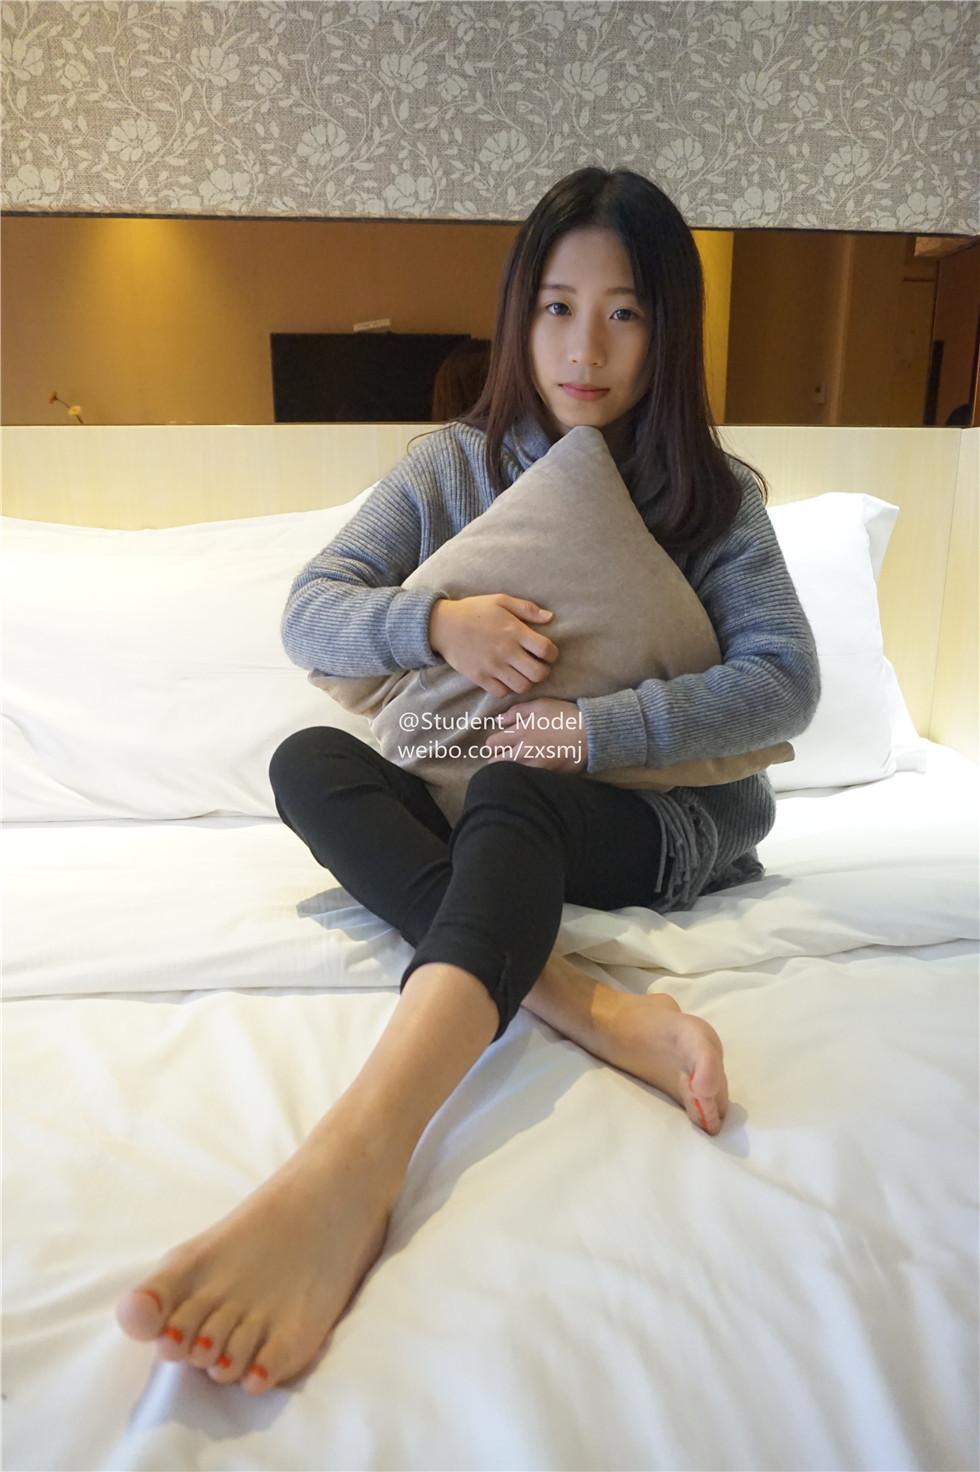 韩国微博美女 47套自拍合集 [6.5 GB]